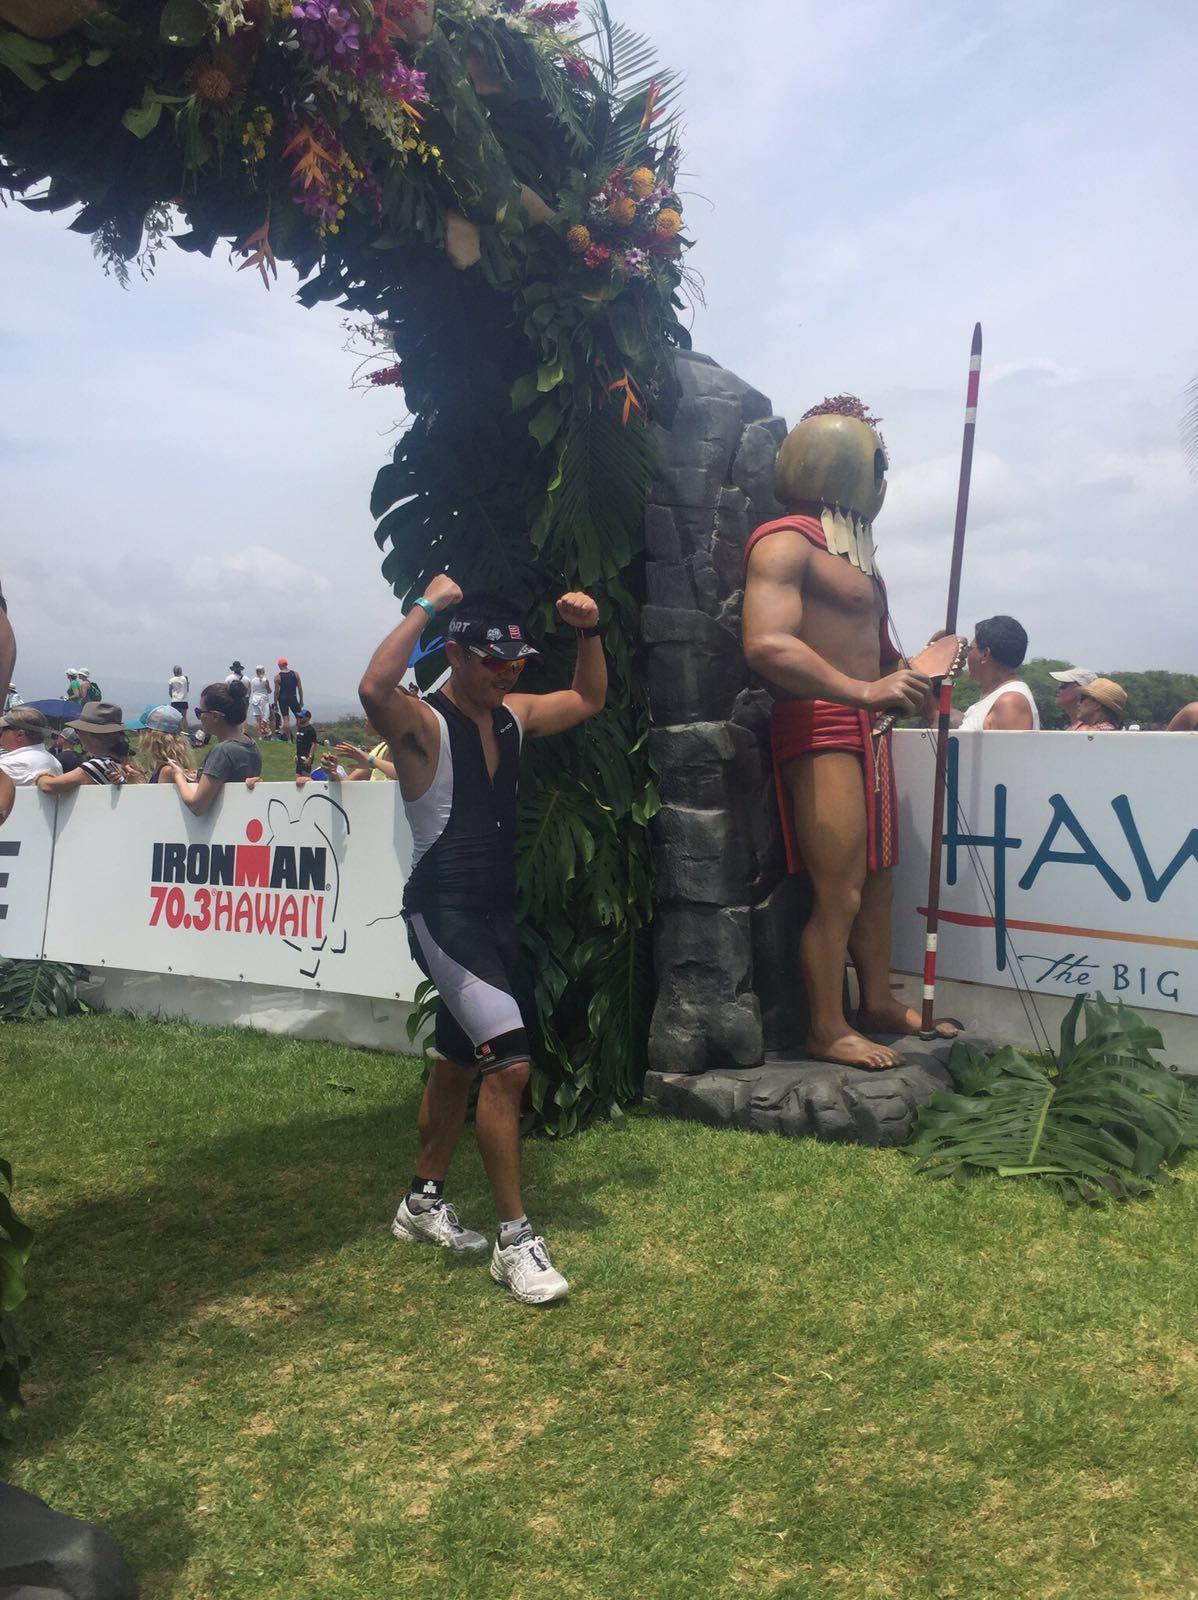 2016-06-Ian-Hawaii703.jpeg